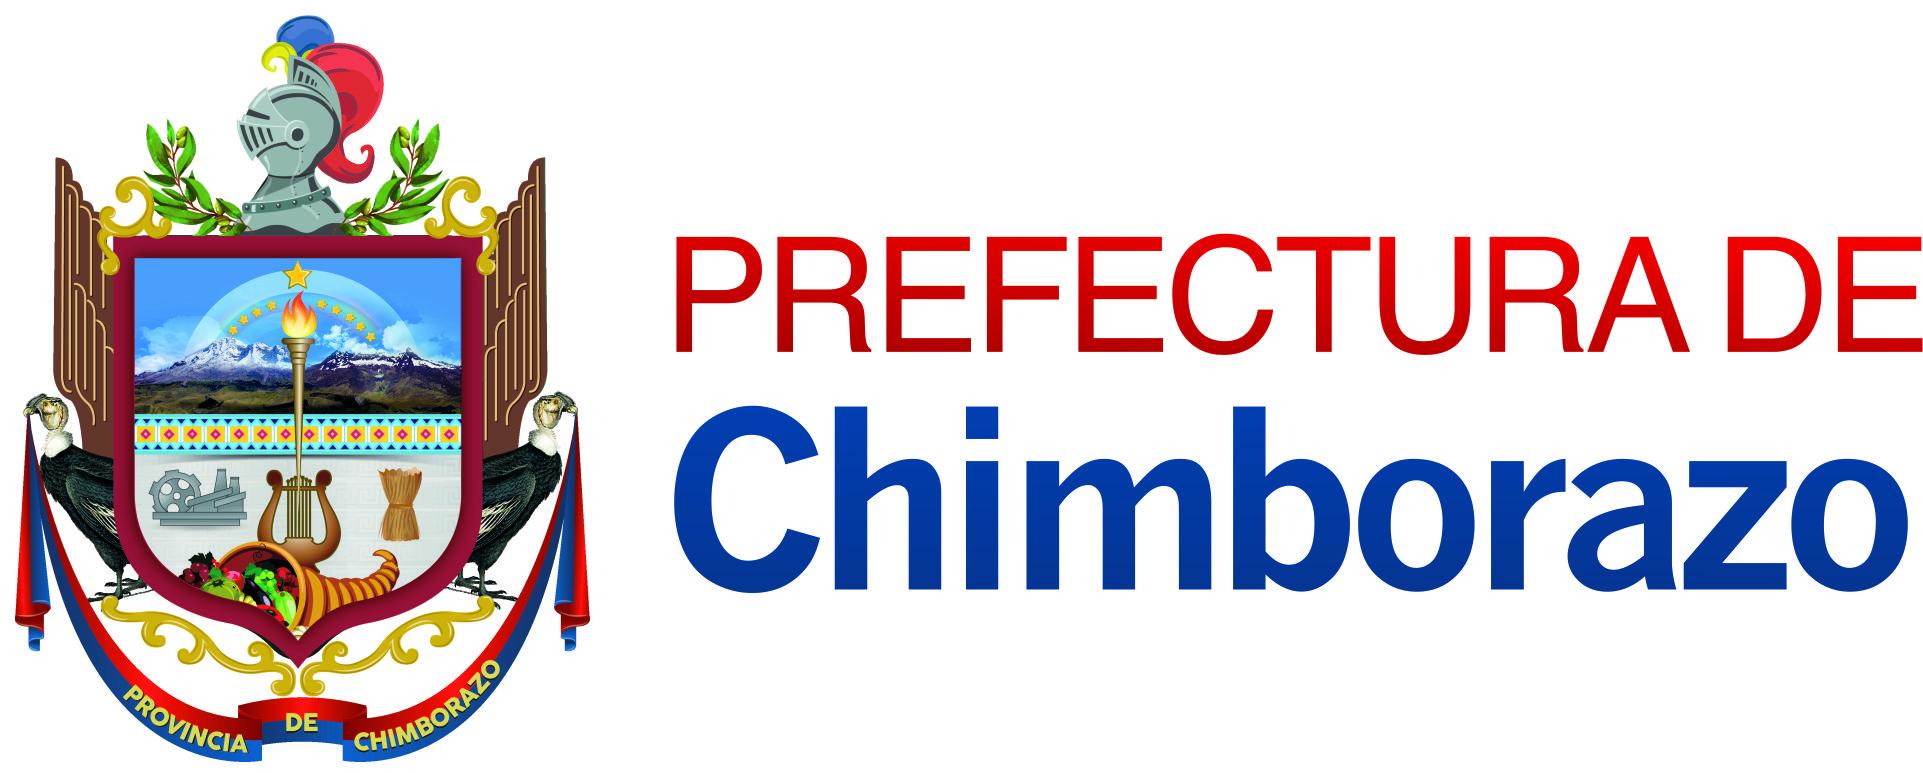 090. PREFECTURA CHIMBORAZO